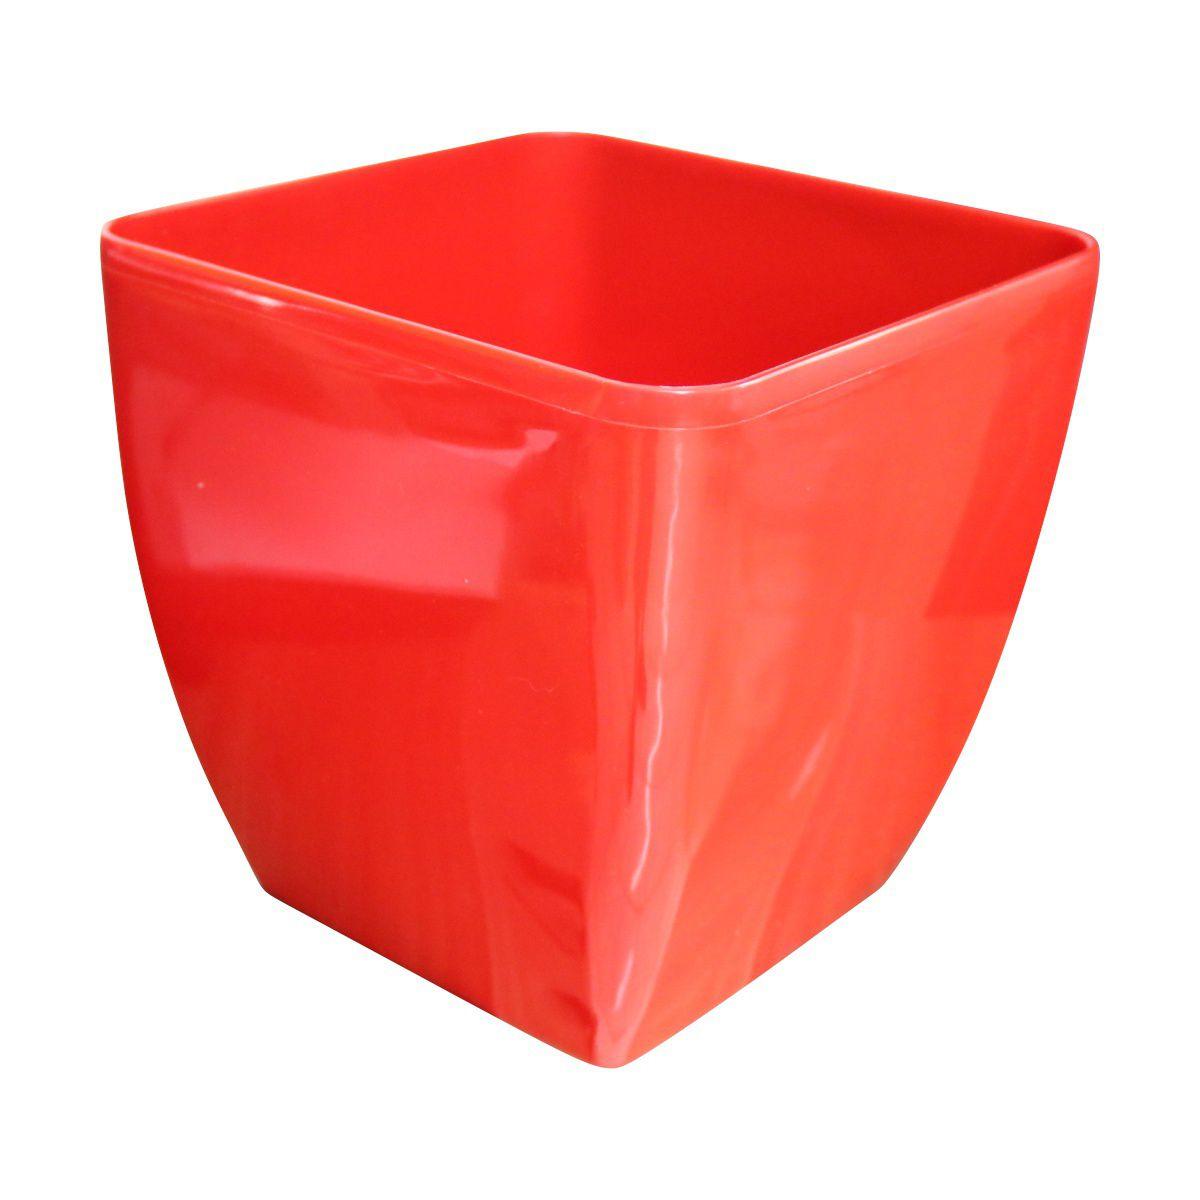 Vaso Quadrado Oxford Autoirrigável 20cm x 20cm Vermelho